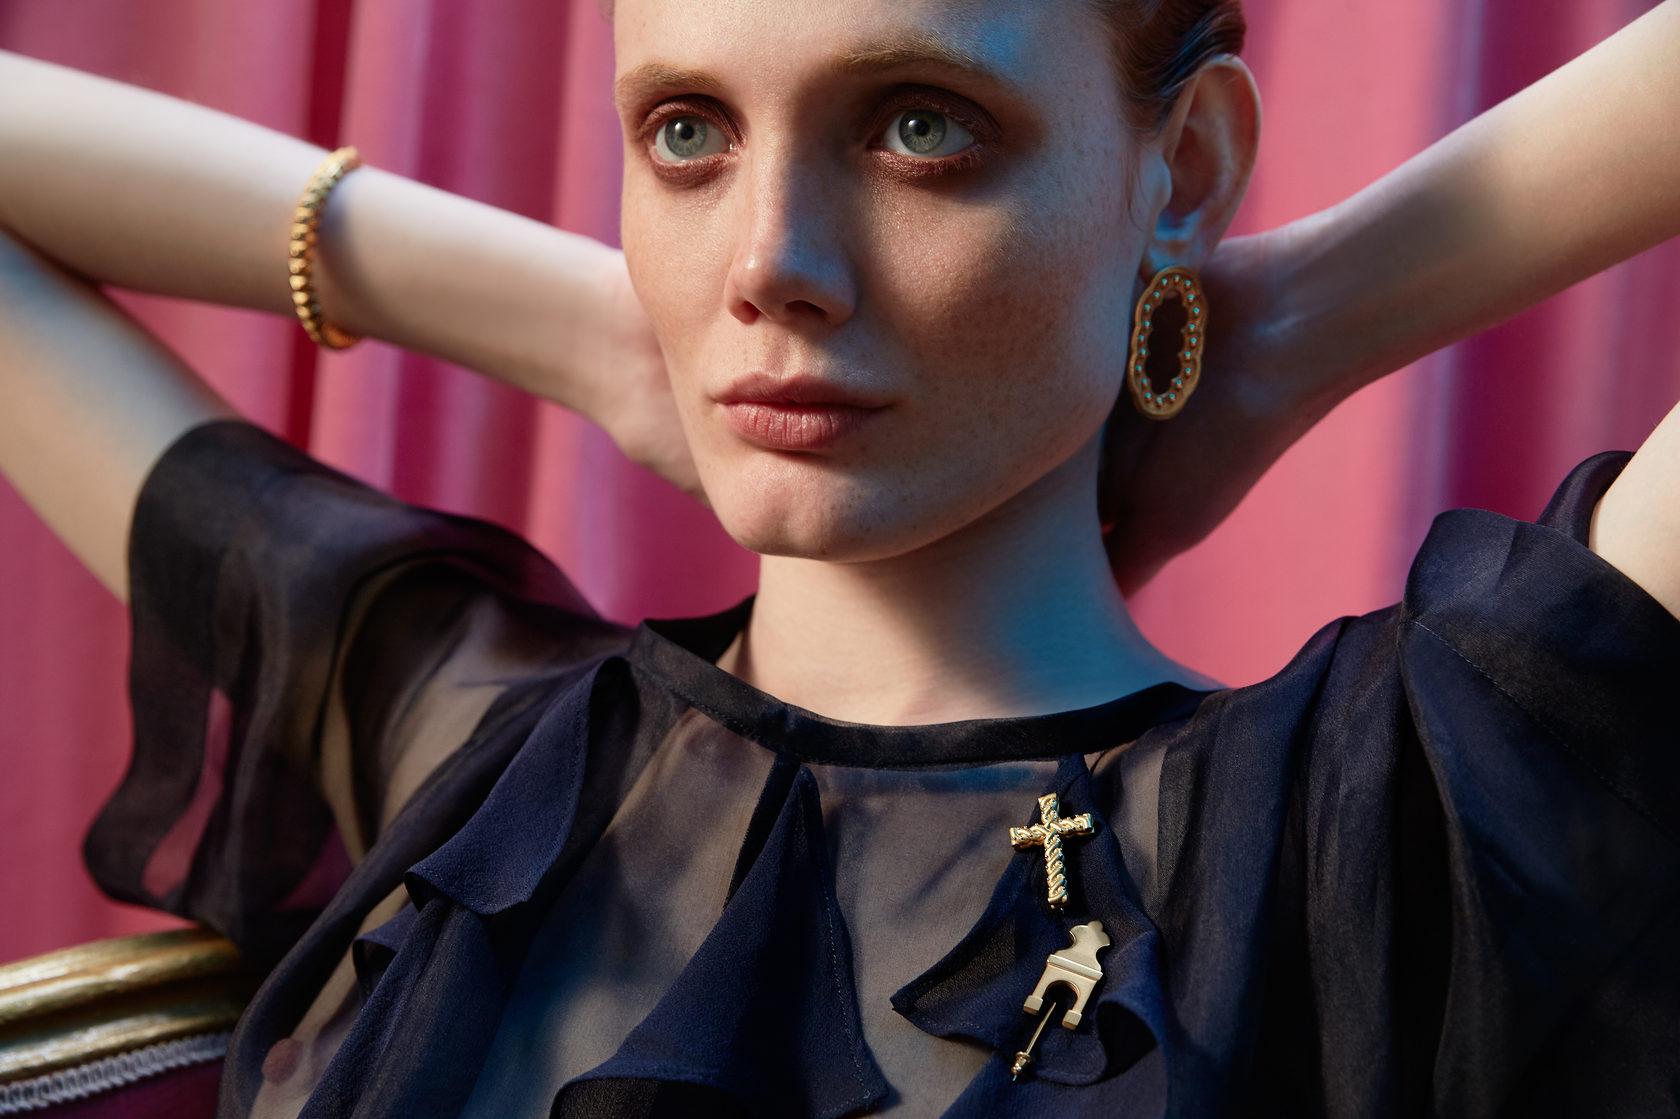 Крупные золотые, серебреные и позолоченные украшения. Брошь, кольца, браслет, серьги. Впечатление, эгоизм, индивидуальность.